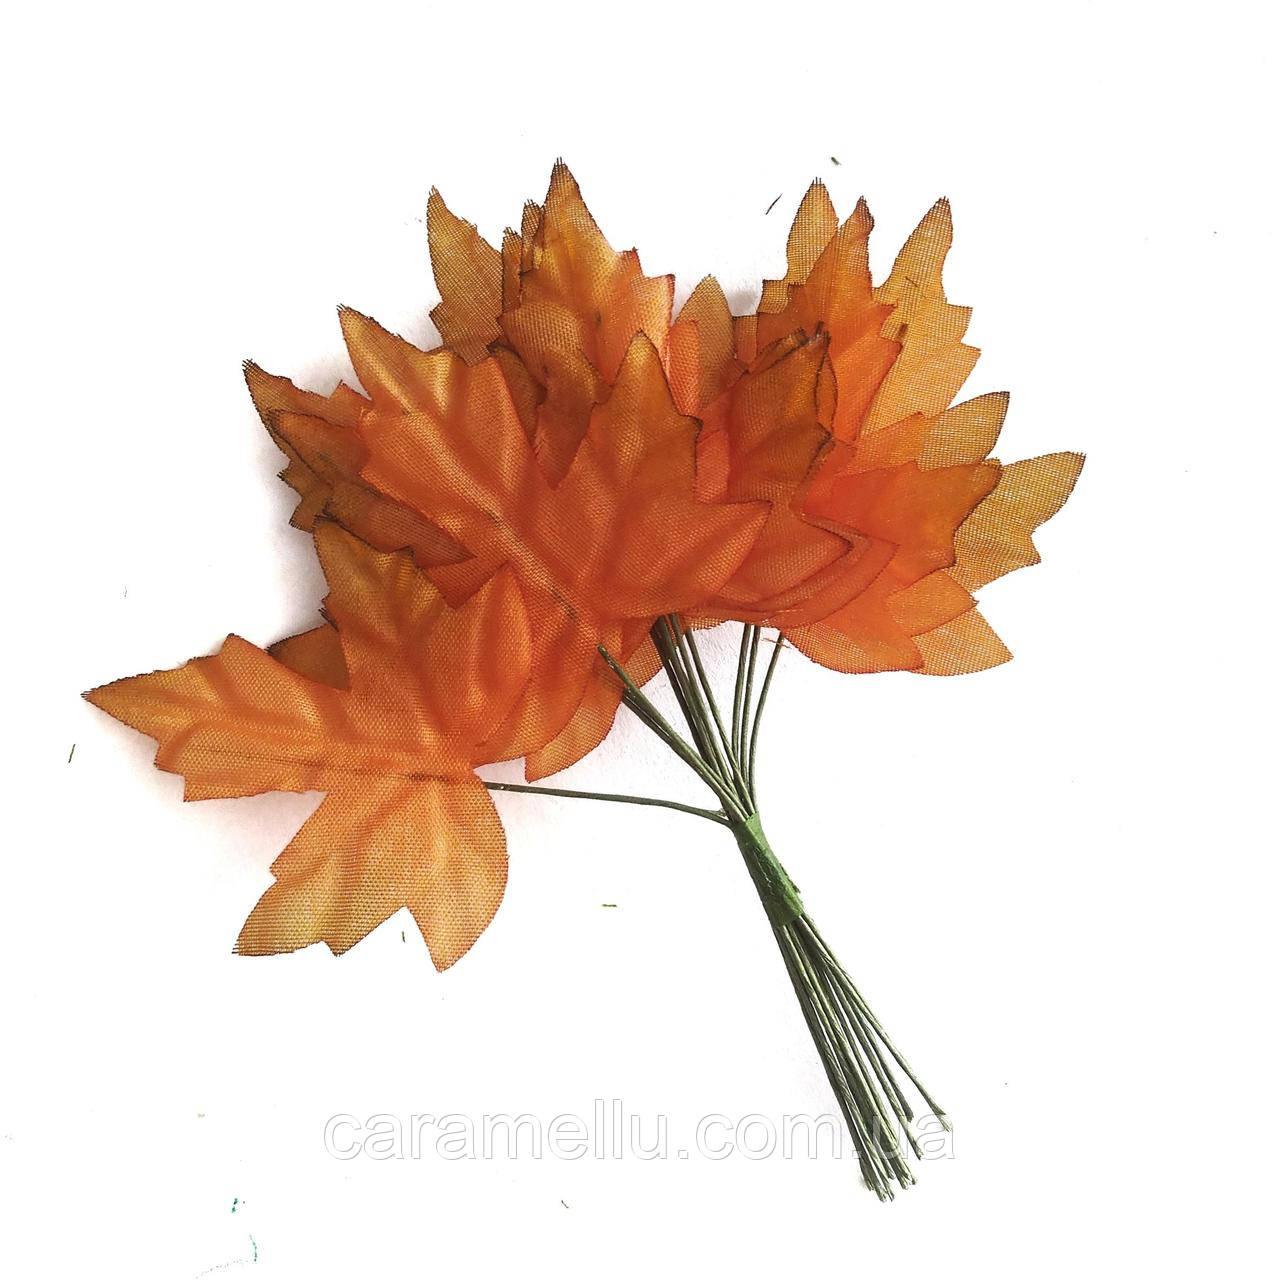 Листочки клена 5 див. 12 штук. Колір оранжевий.